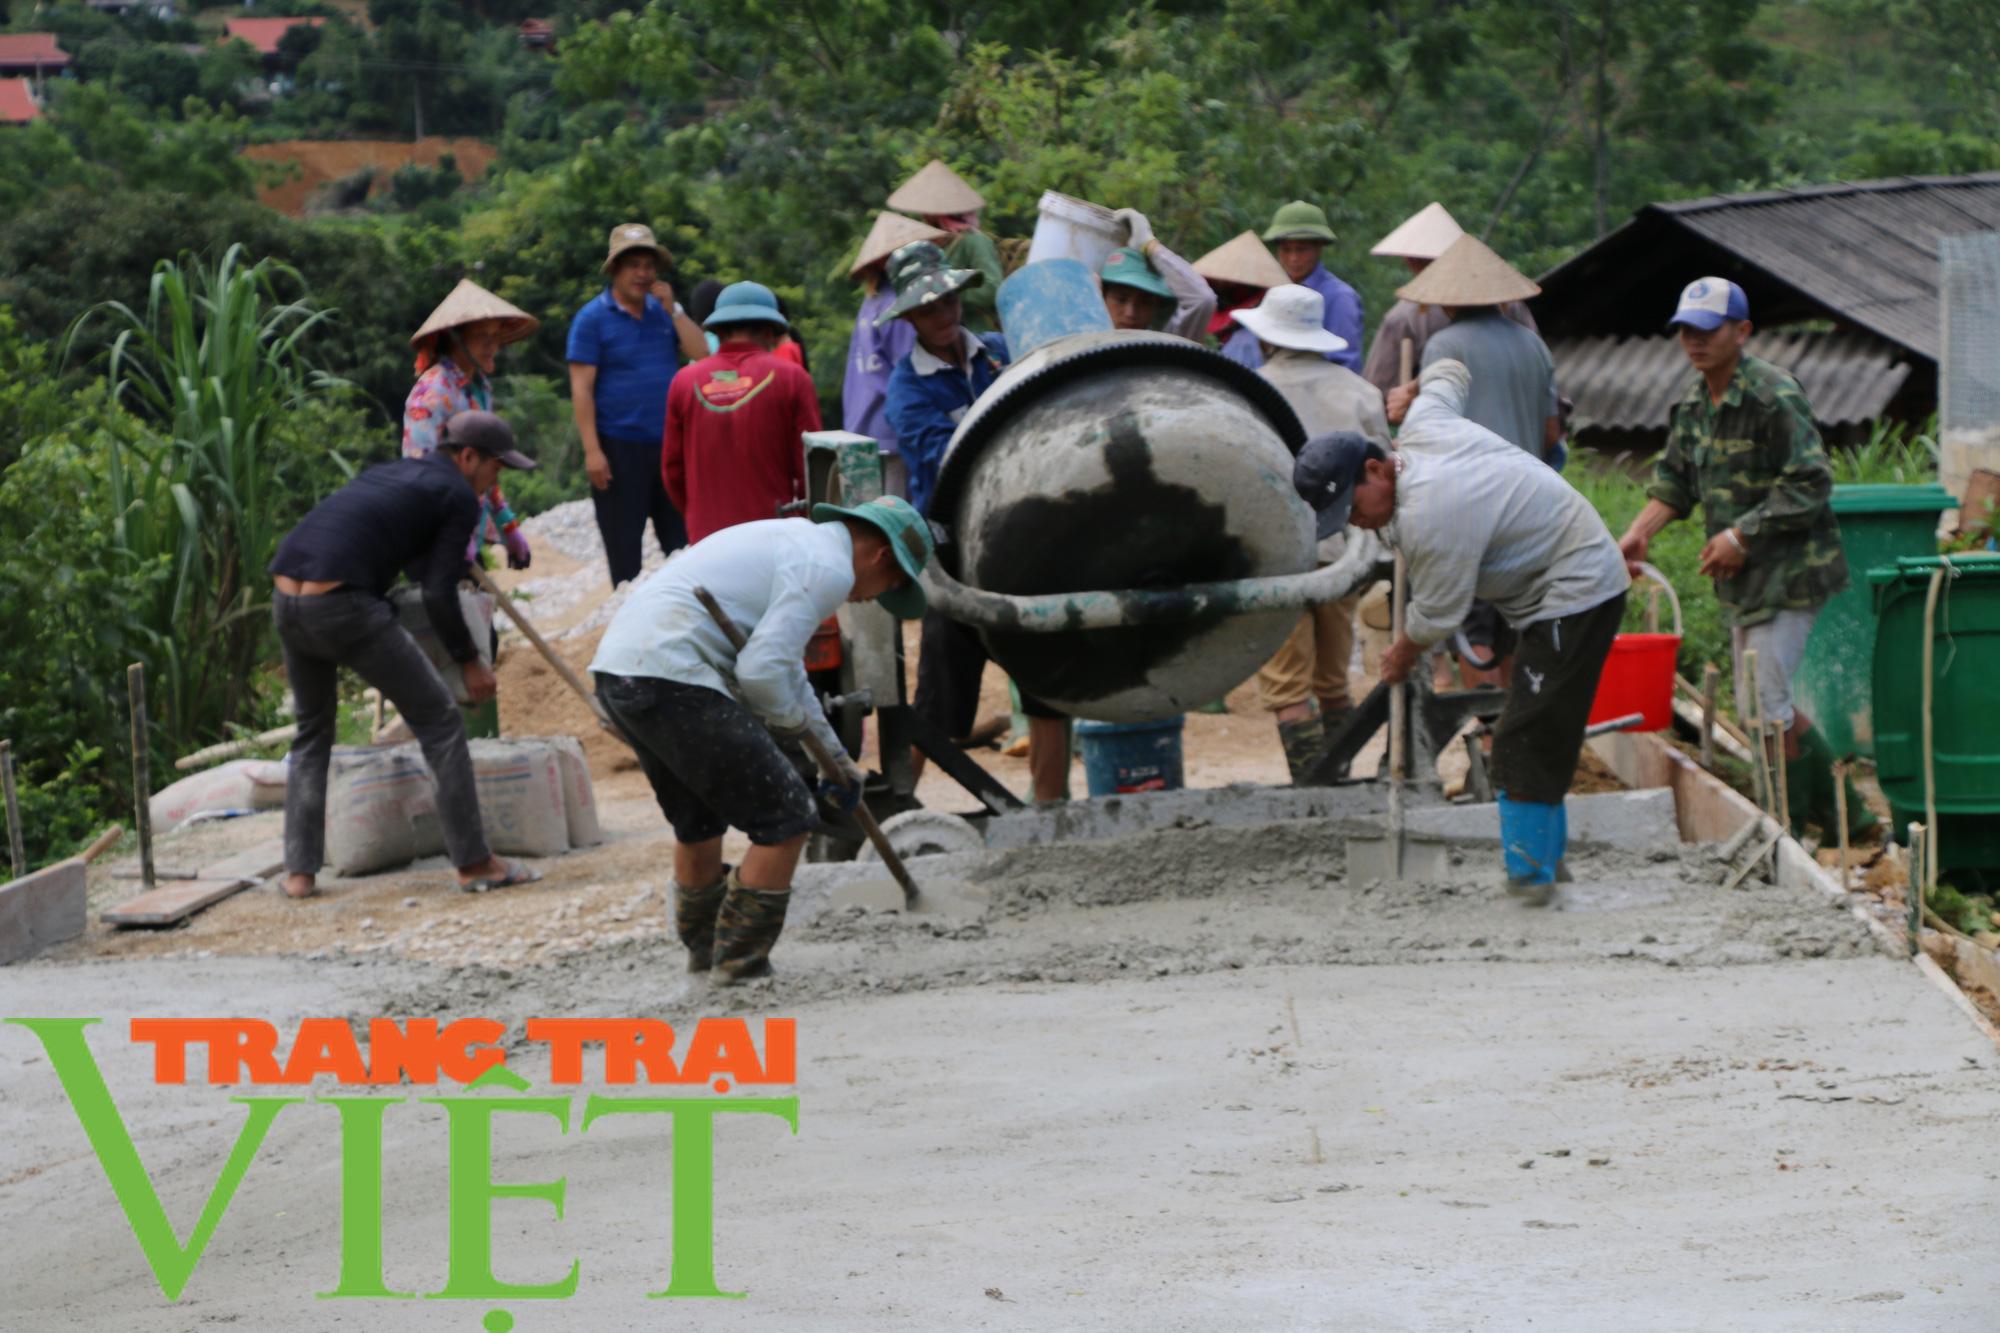 Hội Nông dân Mai Sơn: Huy động hội viên góp công, góp sức xây dựng nông thôn mới - Ảnh 4.